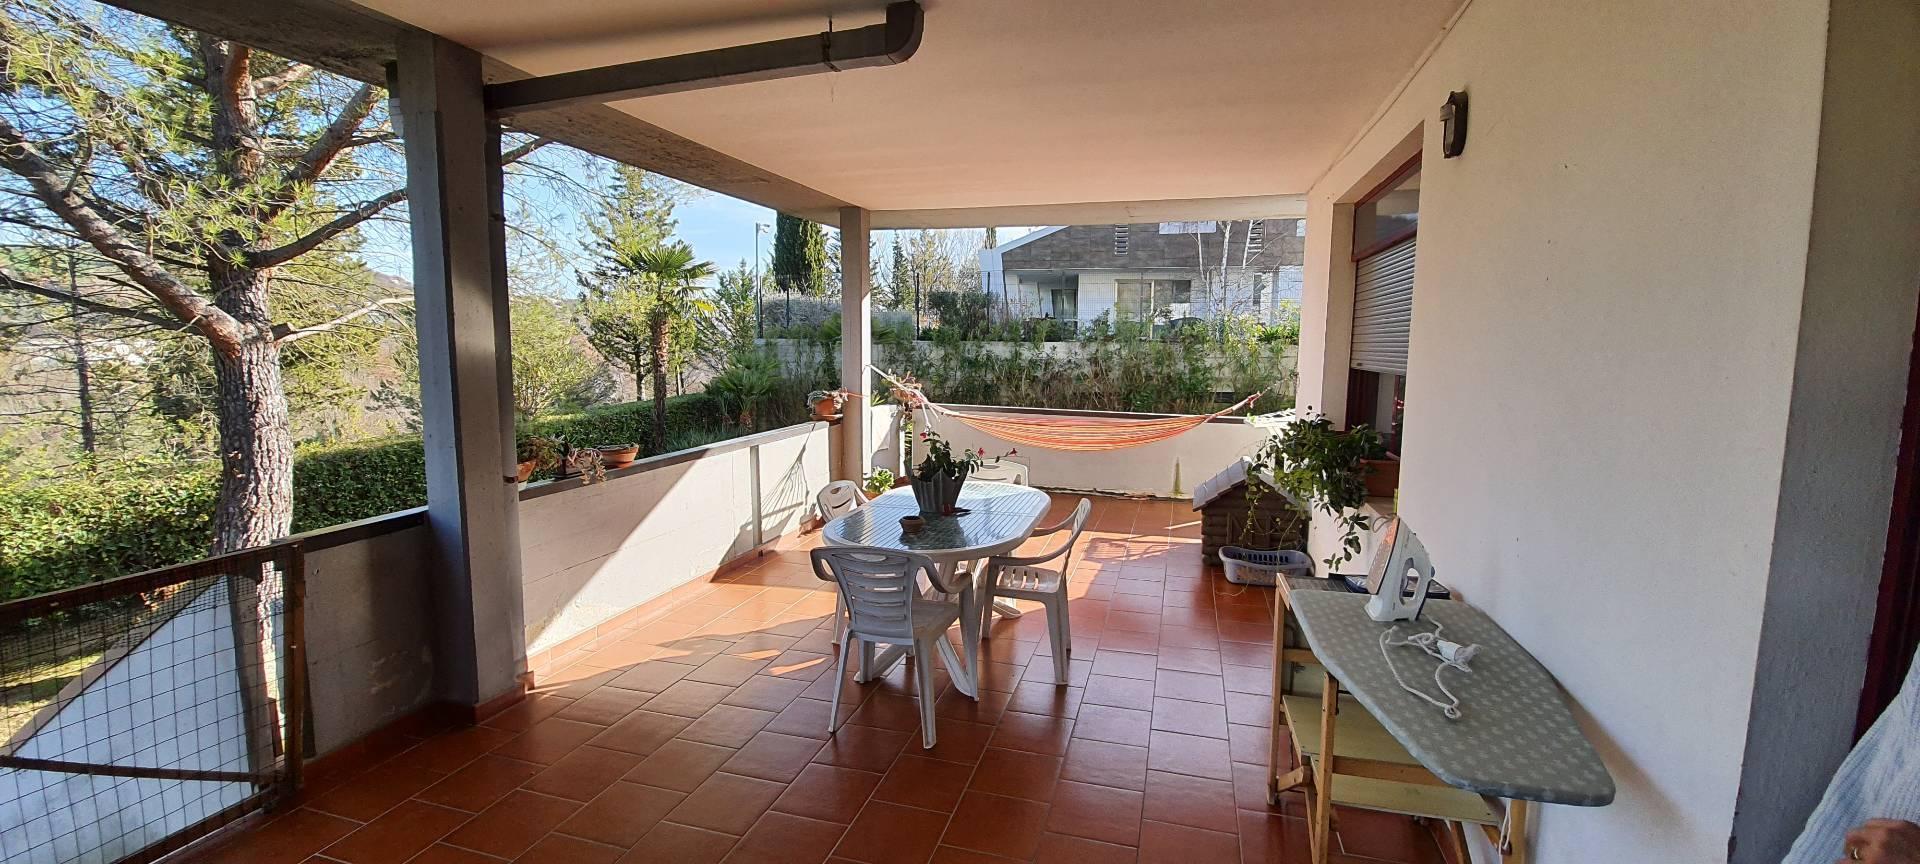 Appartamento in vendita a Teramo, 4 locali, zona Località: Primaperiferia, prezzo € 165.000 | PortaleAgenzieImmobiliari.it